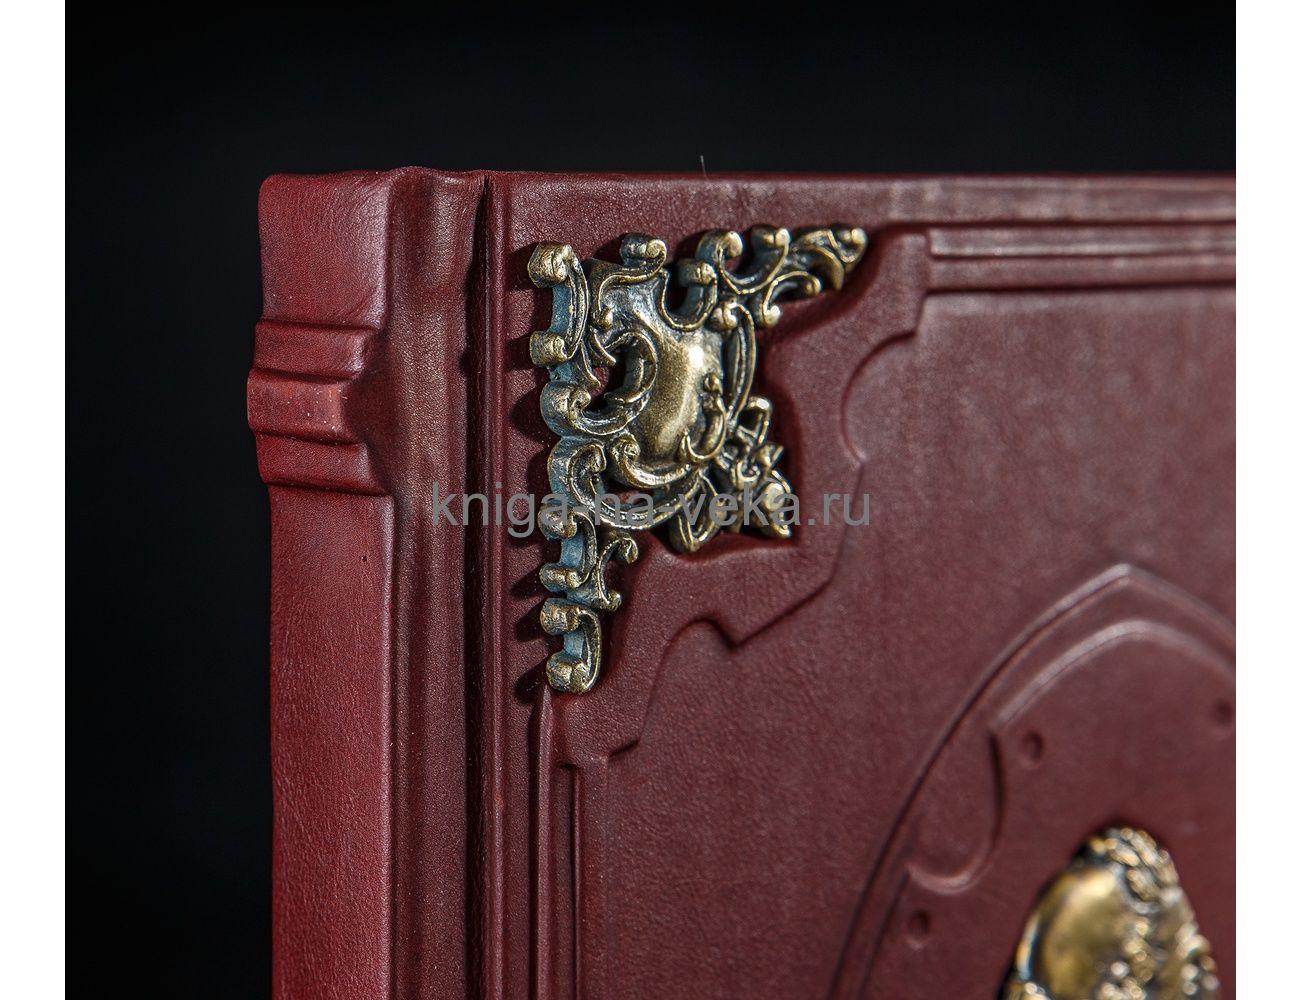 """Книга """"Мудрость тысячелетий"""" в кожаном переплёте с бронзовыми уголками и мудрецом"""